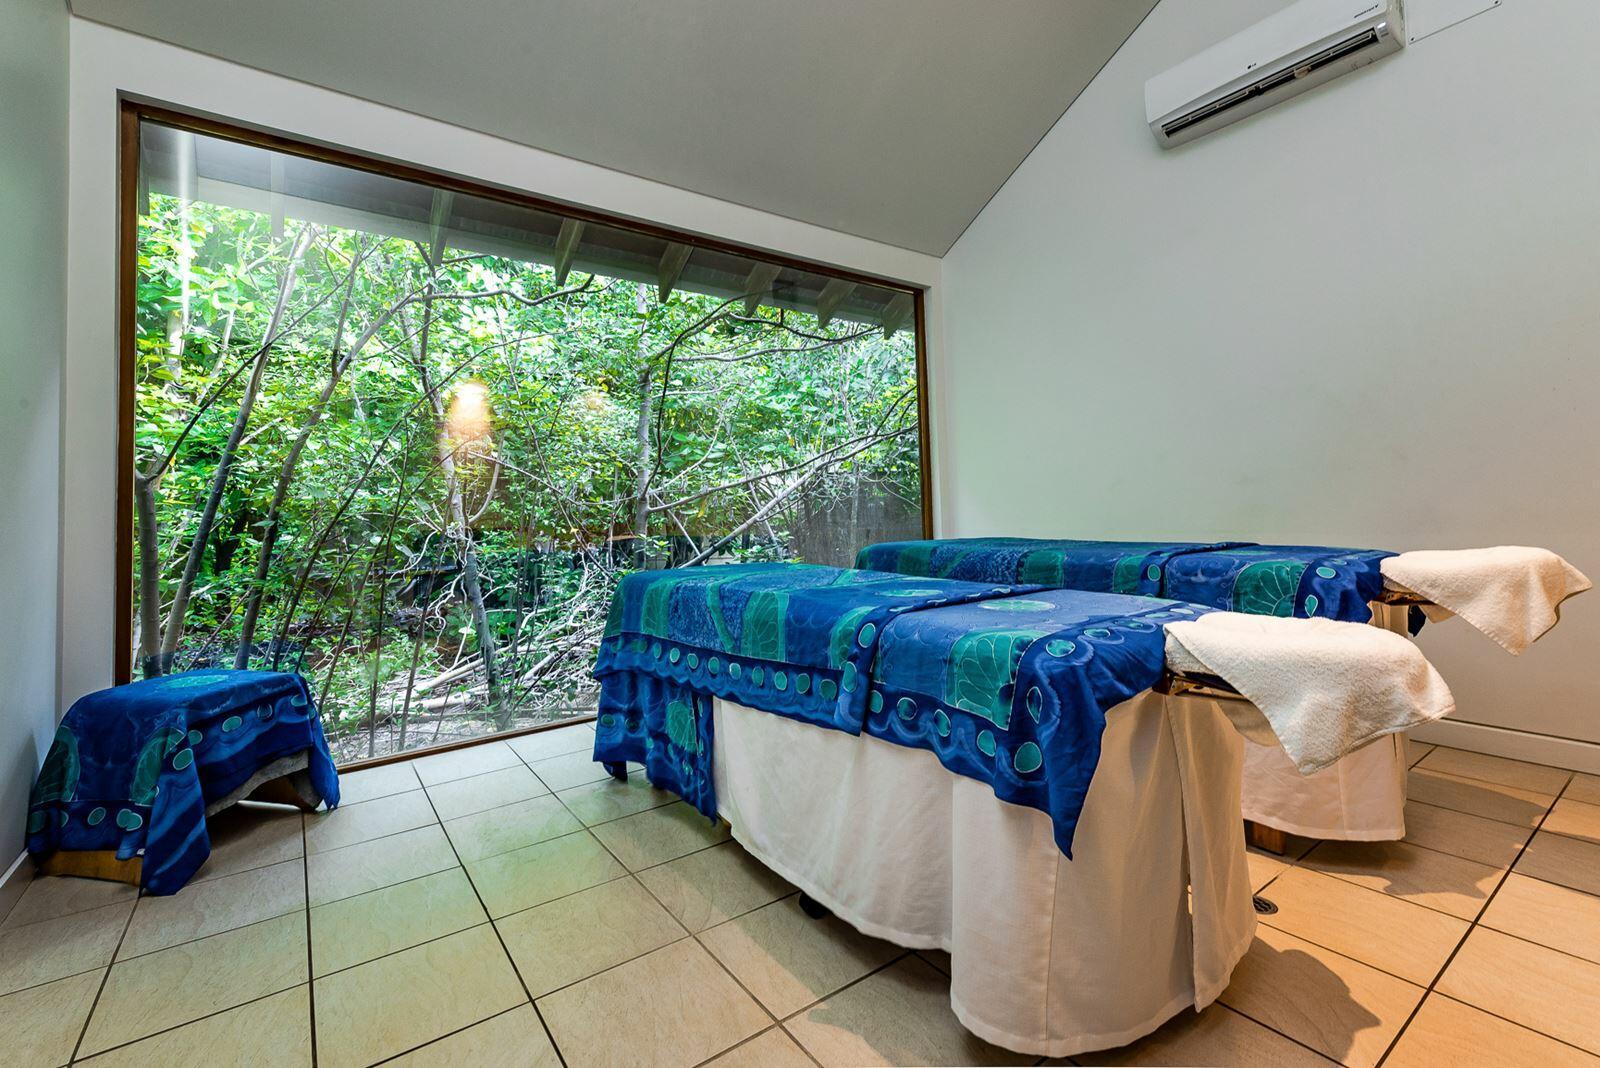 Spa Facility at Heron Island Resort